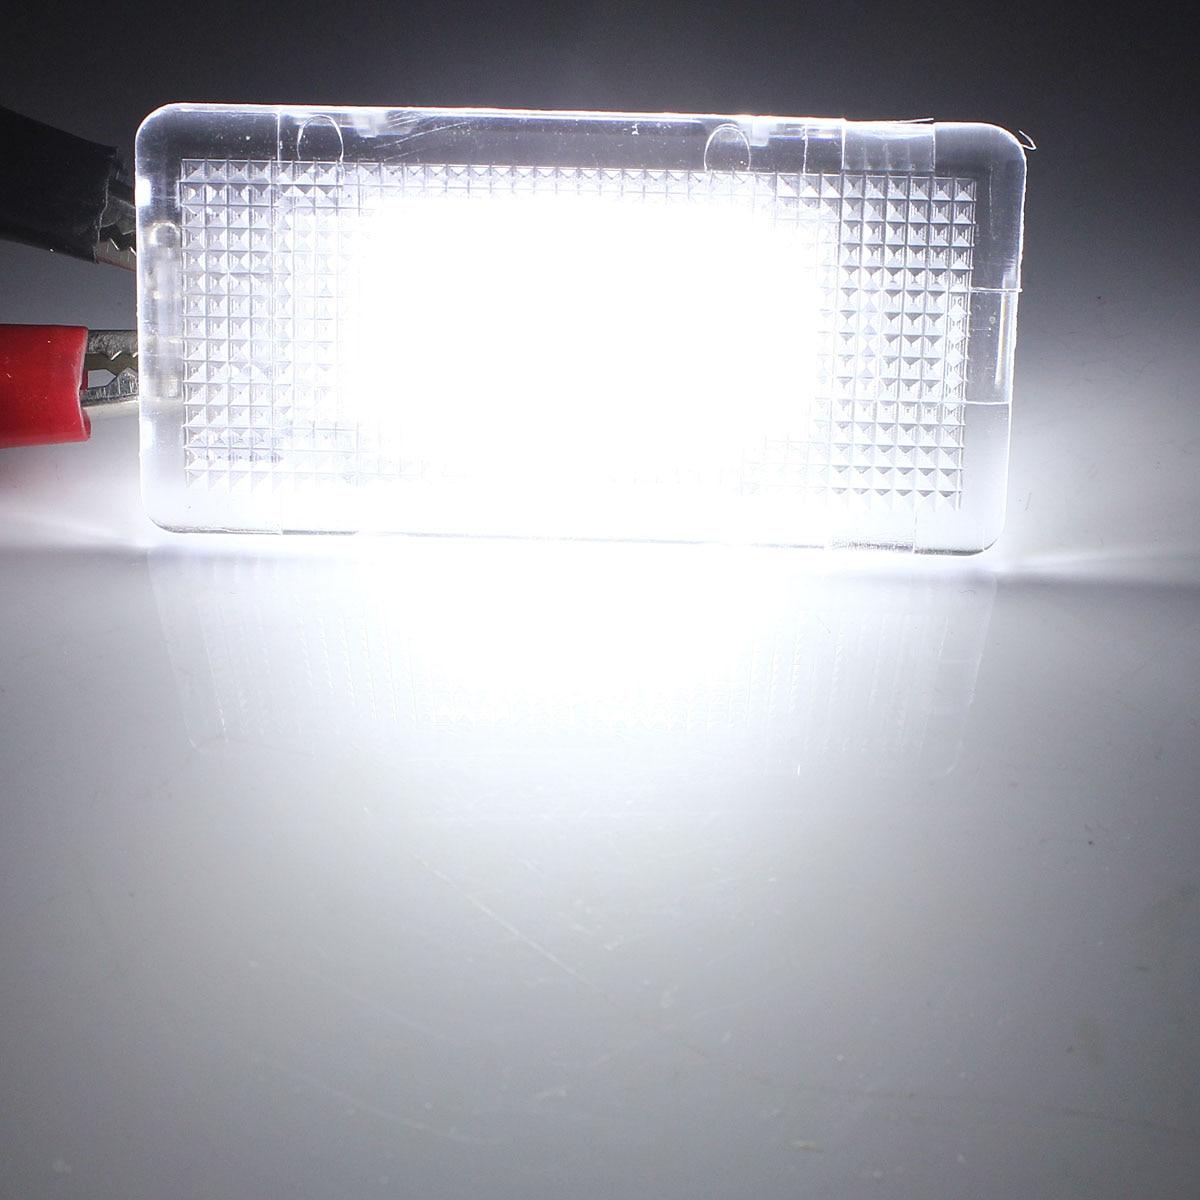 1 шт. 12 В автомобиля ног Чемодан лампы ошибок багажнике бардачок светодиодный свет для BMW E39 E46